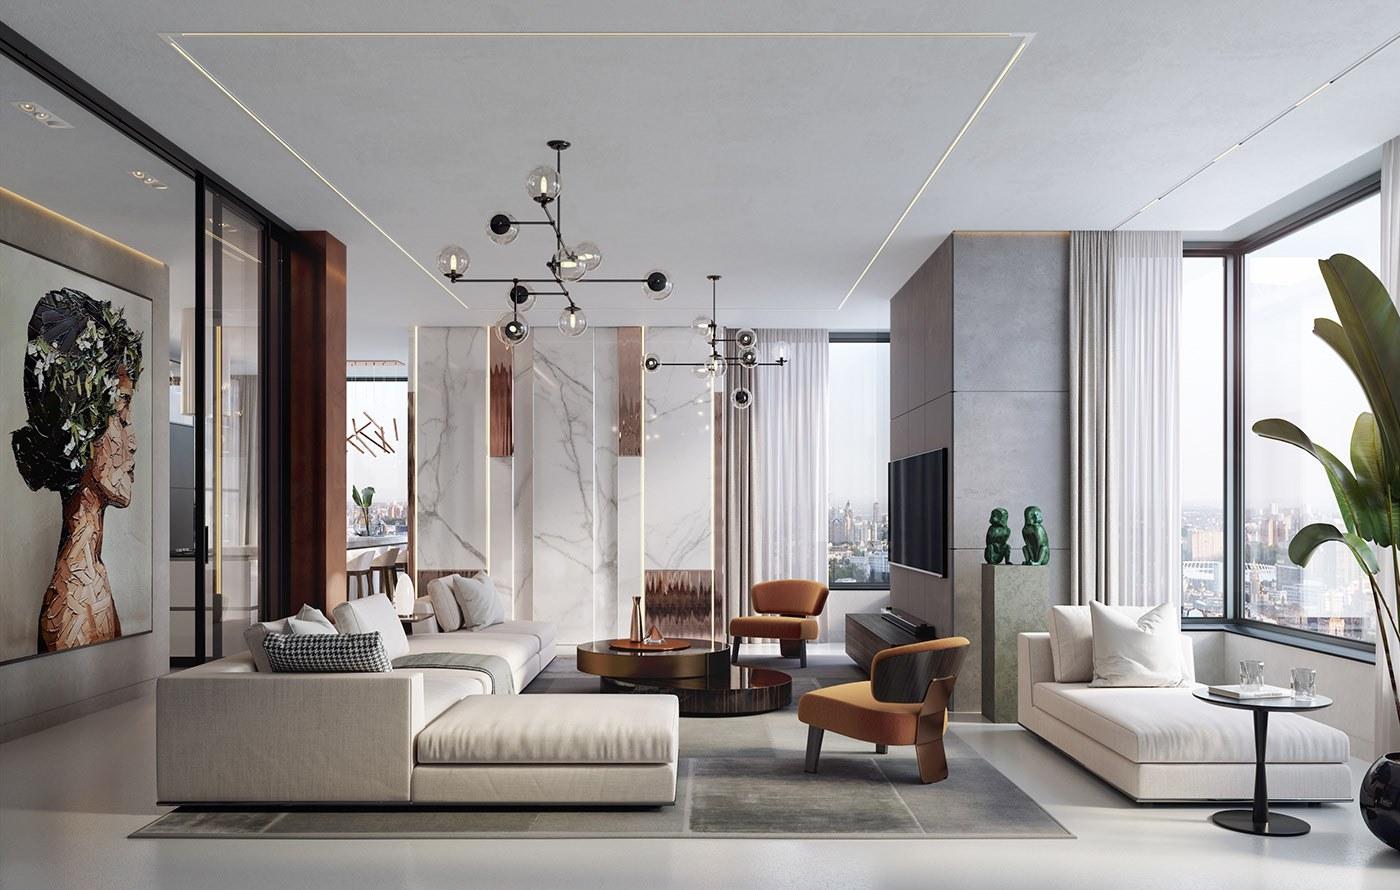 Tối ưu hóa diện tích phòng khách chung cư bằng ghế sofa thông minhTối ưu hóa diện tích phòng khách chung cư bằng ghế sofa thông minh